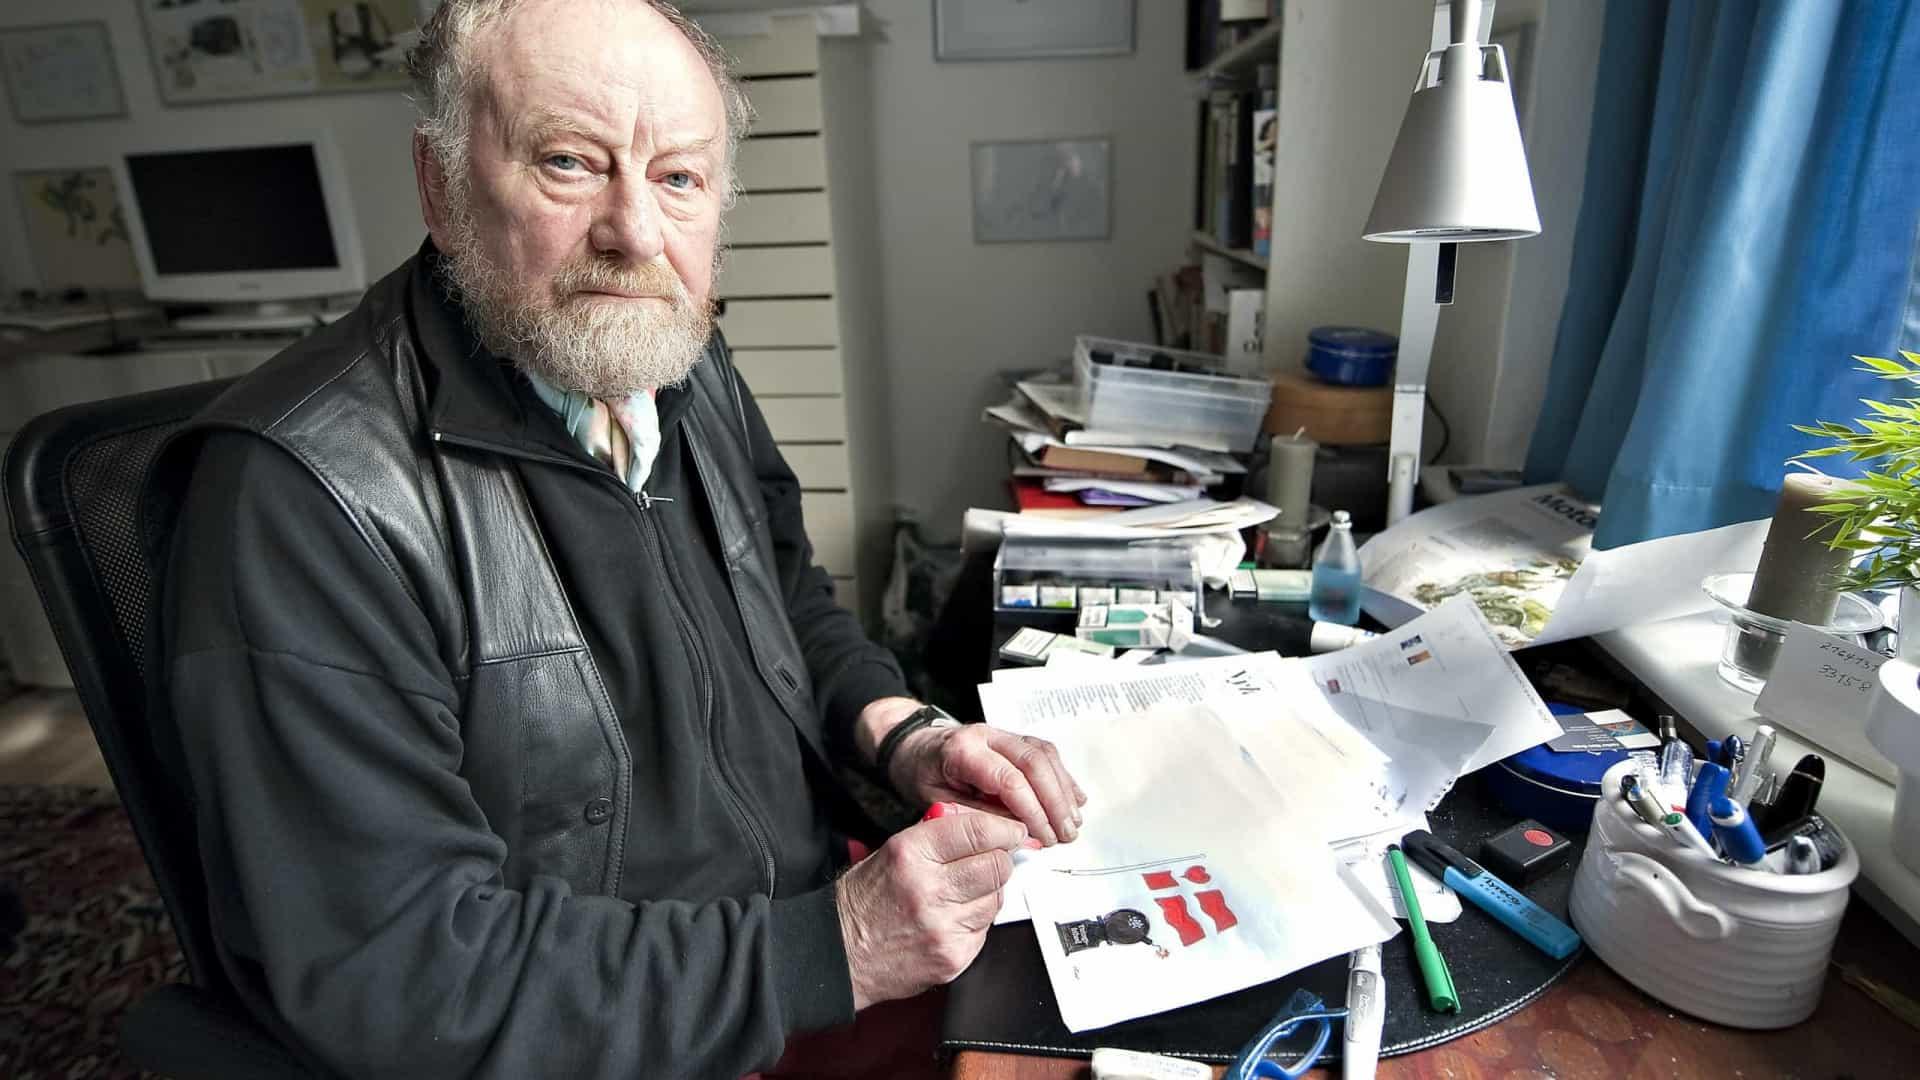 Europa: Morre Kurt Westergaard, autor de cartum de Maomé no Charlie Hebdo, aos 86